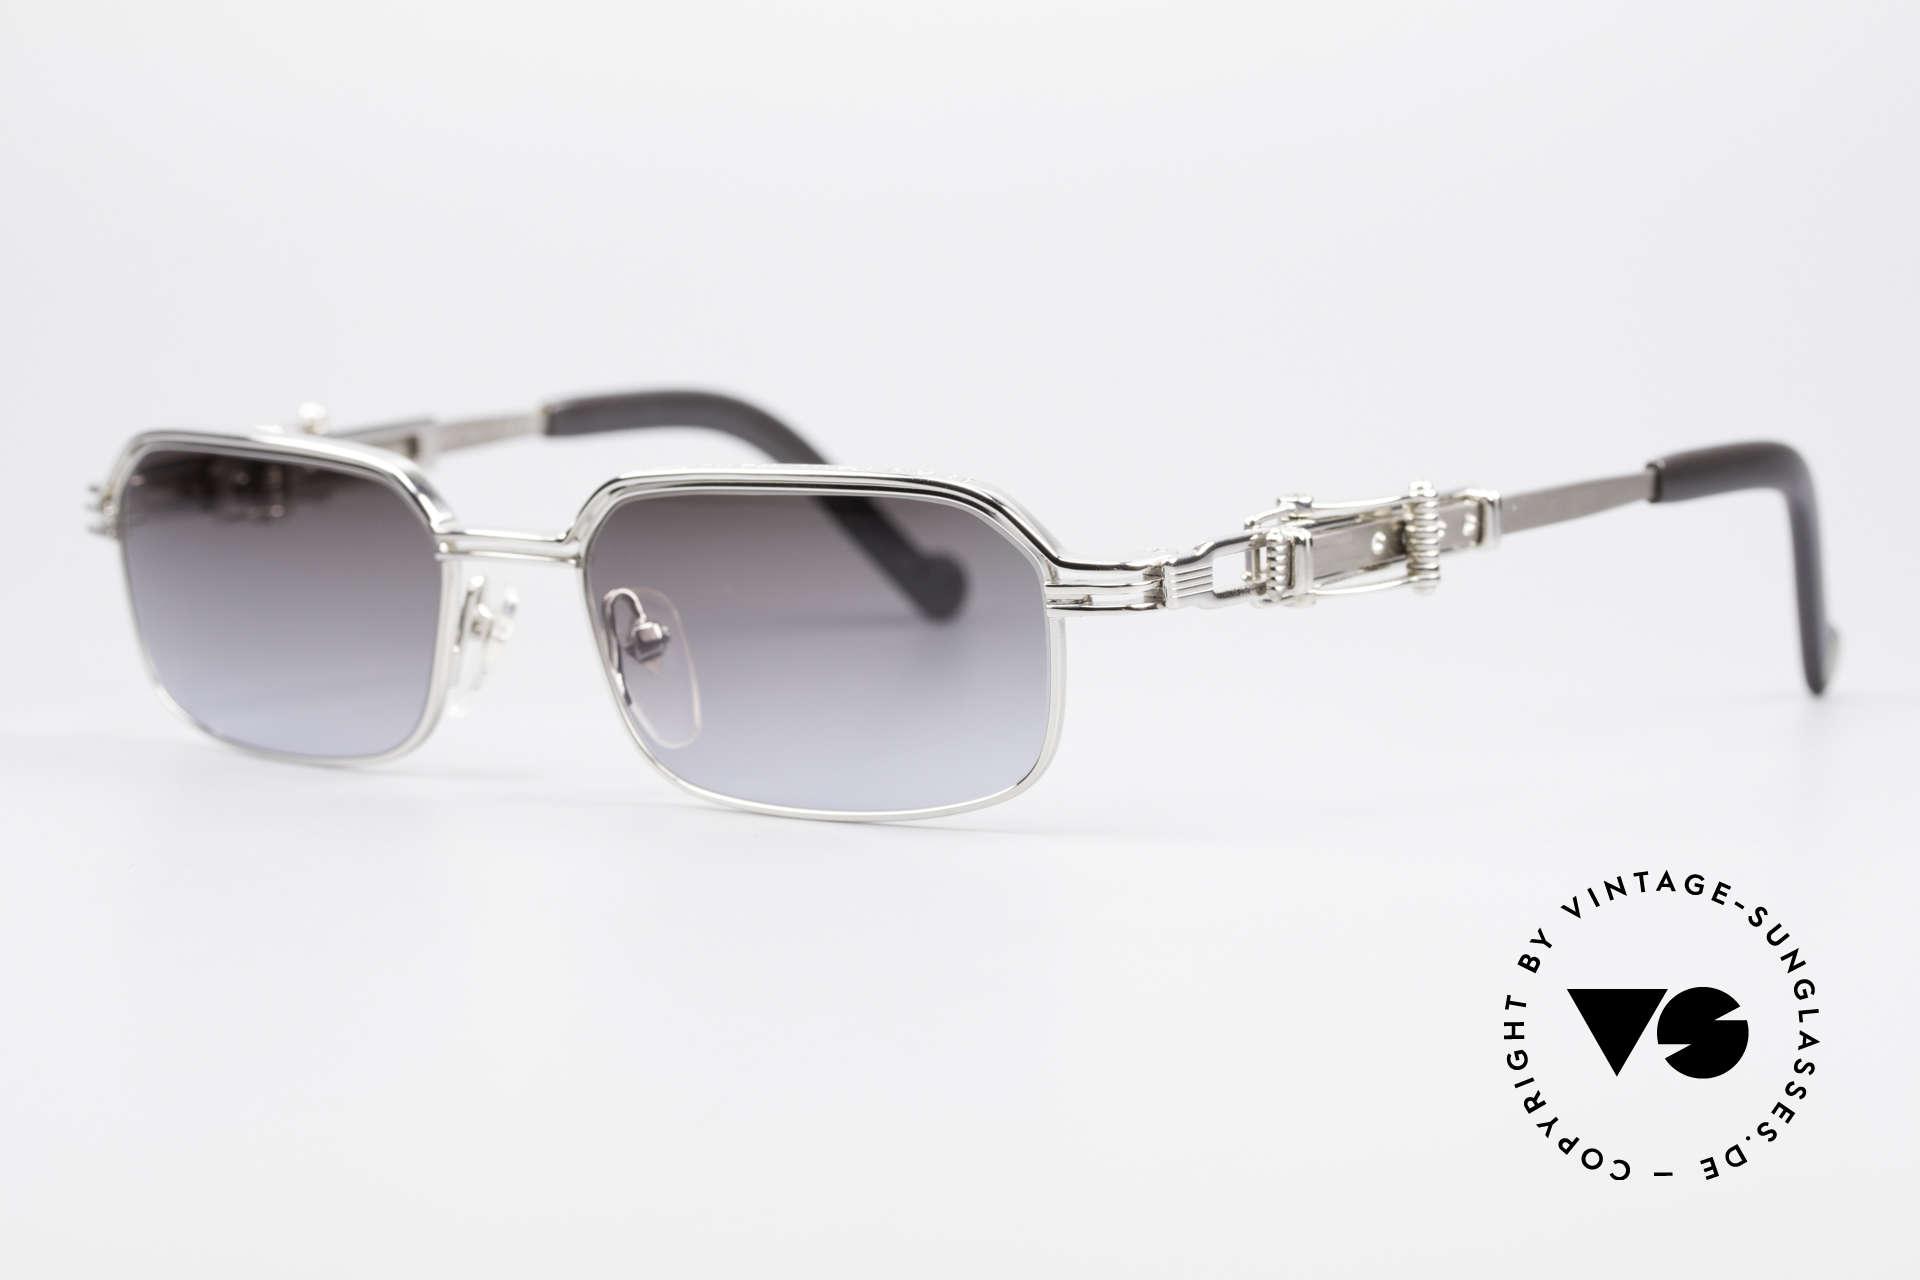 Jean Paul Gaultier 56-0002 Brille mit Gürtelschnalle, typisch Gaultier: Alltagsgegenstände als Design-Details, Passend für Herren